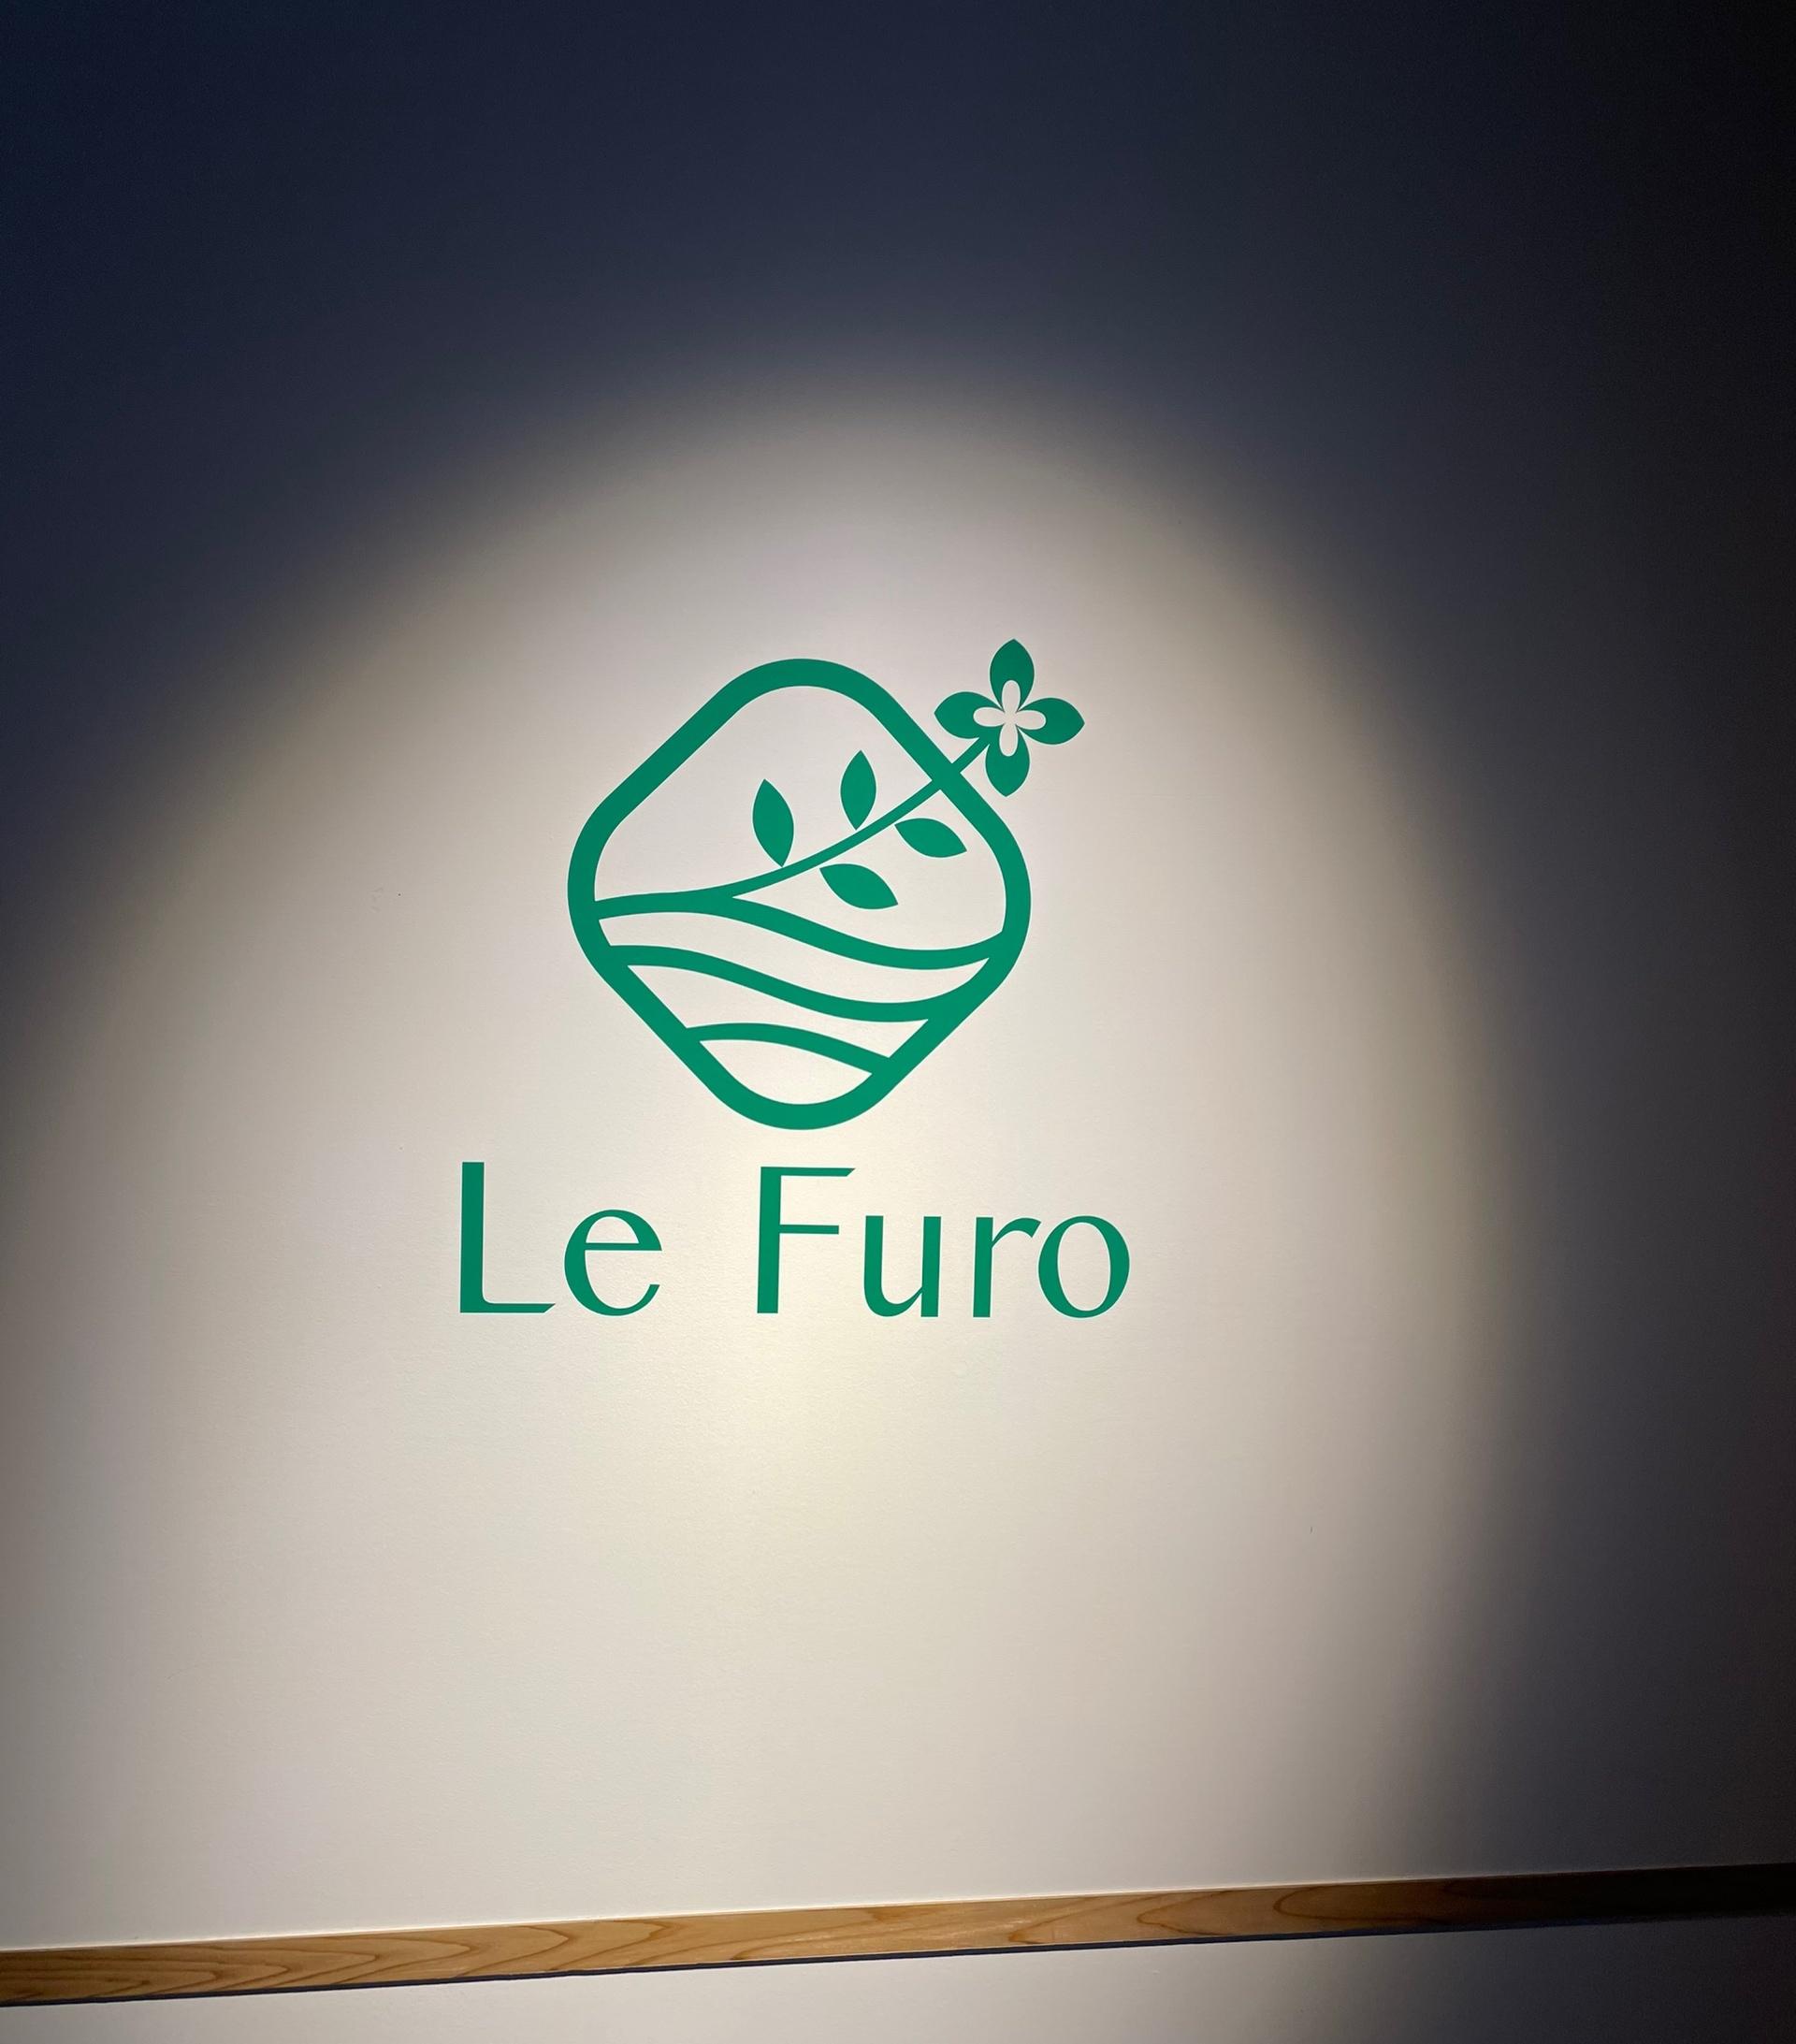 Le Furo のミネラルミスト浴_1_2